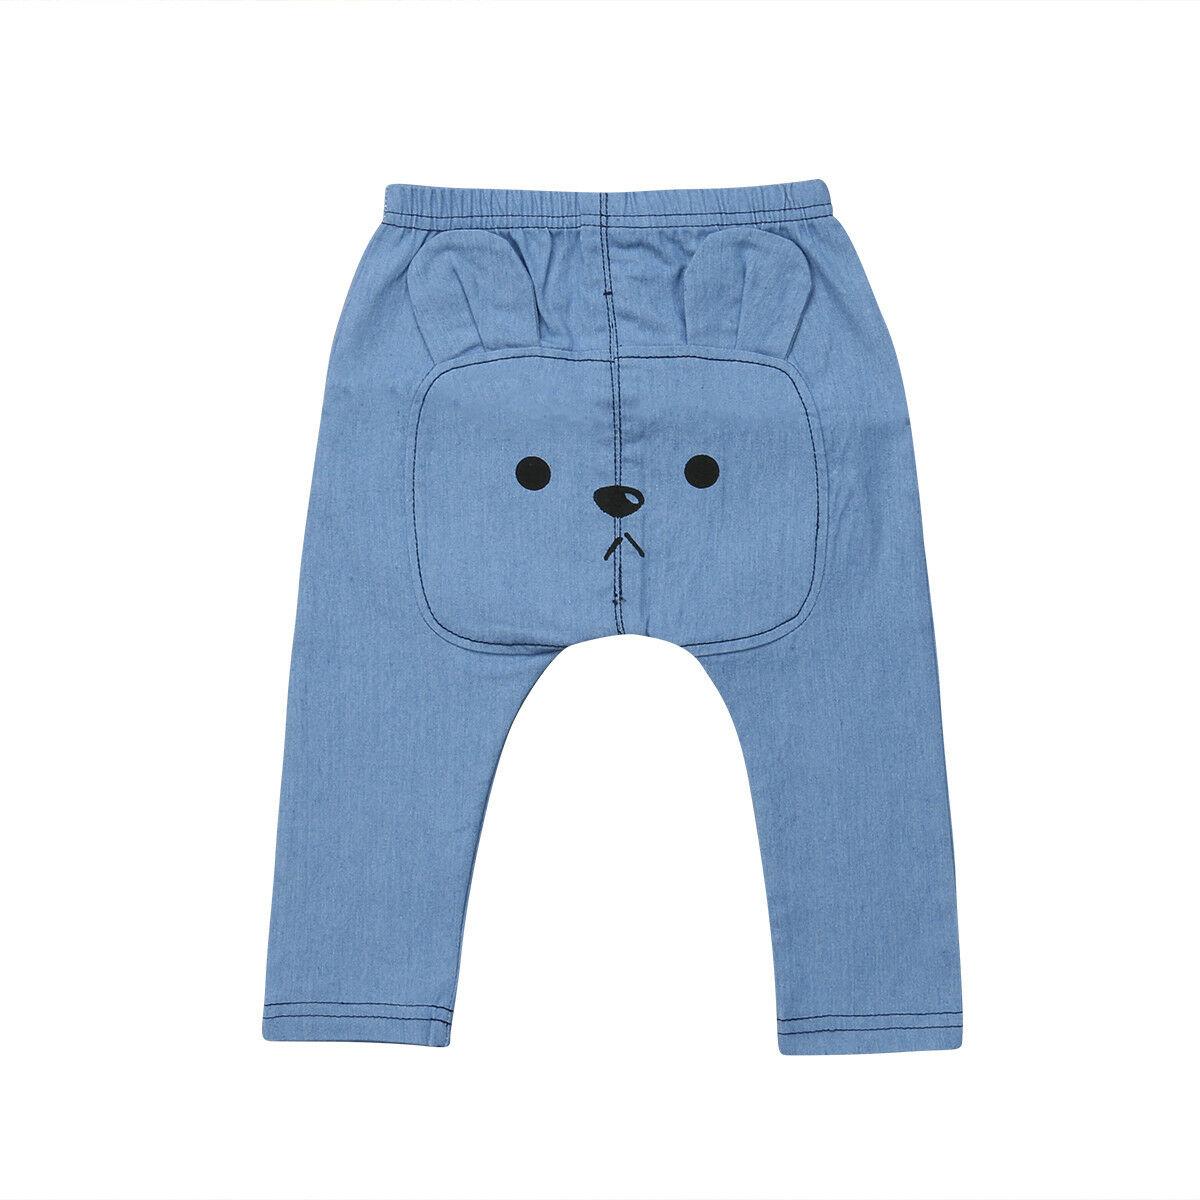 2019 Brand New Toddler Infant Newborn Kids Baby Girl Boy  Cute Denim Long Bear Pants Leggings PP Trouser Bottoms 0-3T